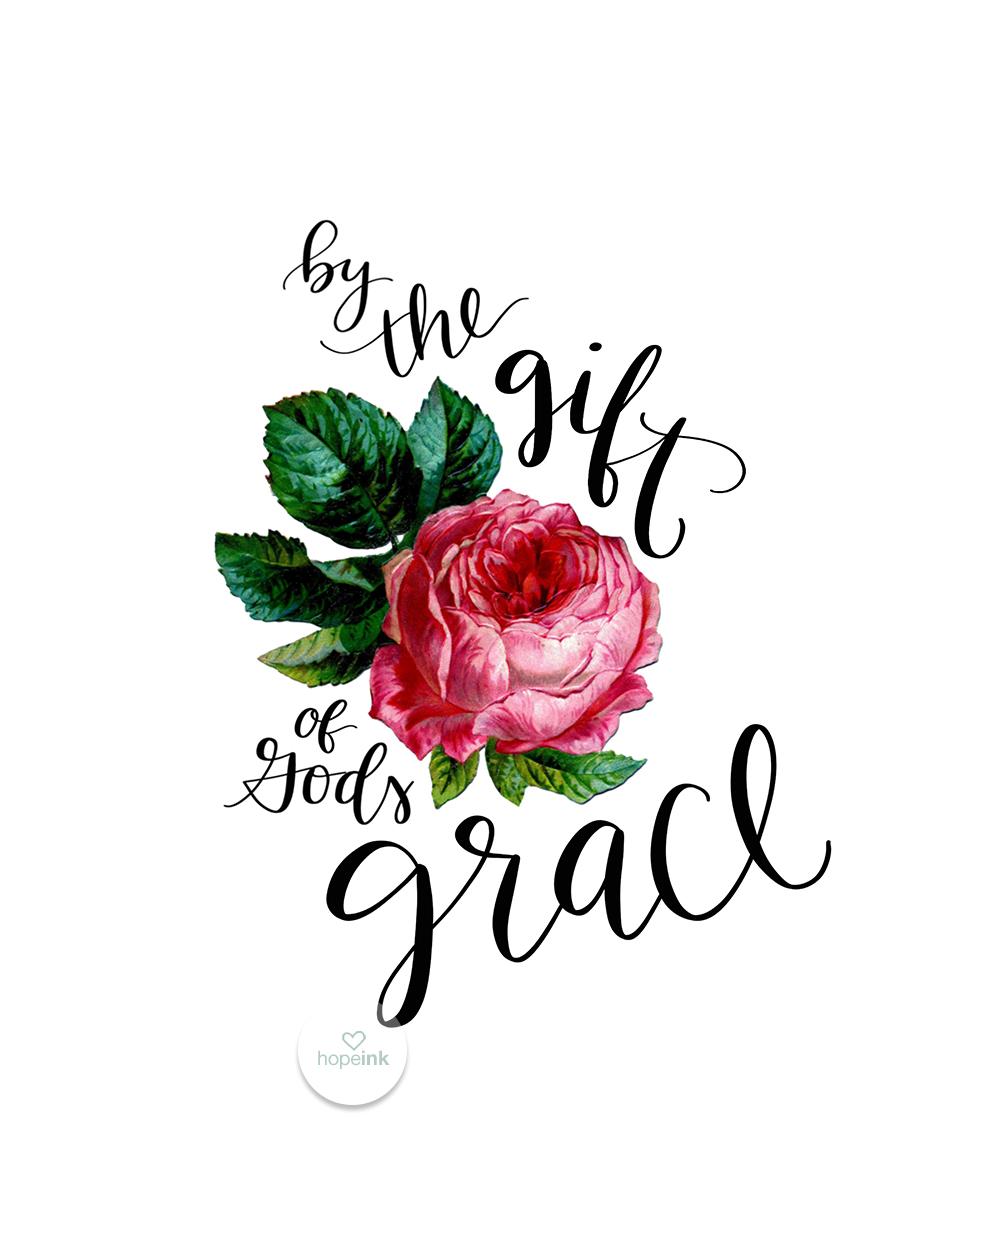 The Gift of God's Grace | Handlettered Rose | Hope Ink.jpg